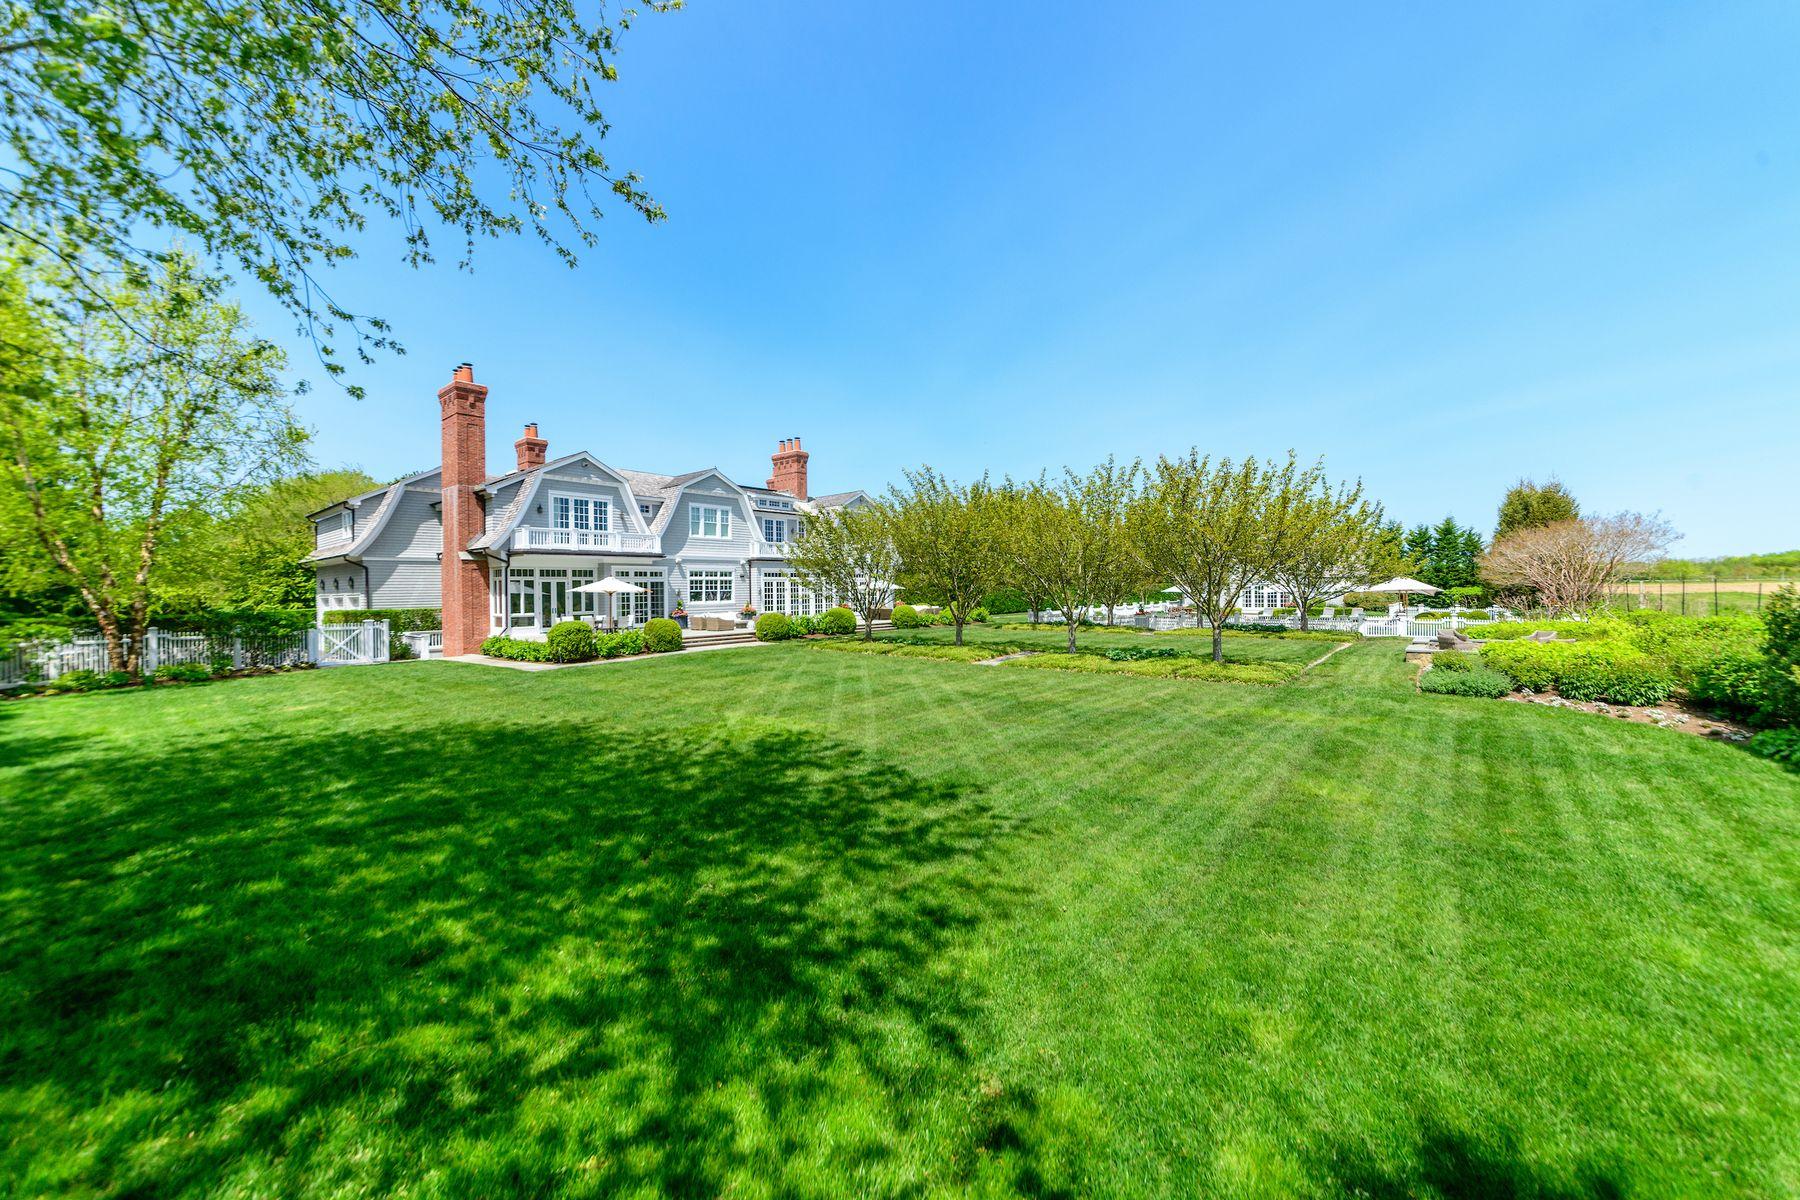 Single Family Homes für Verkauf beim Water Mill South Residence on Reserve 179 Davids Lane, Water Mill, New York 11976 Vereinigte Staaten